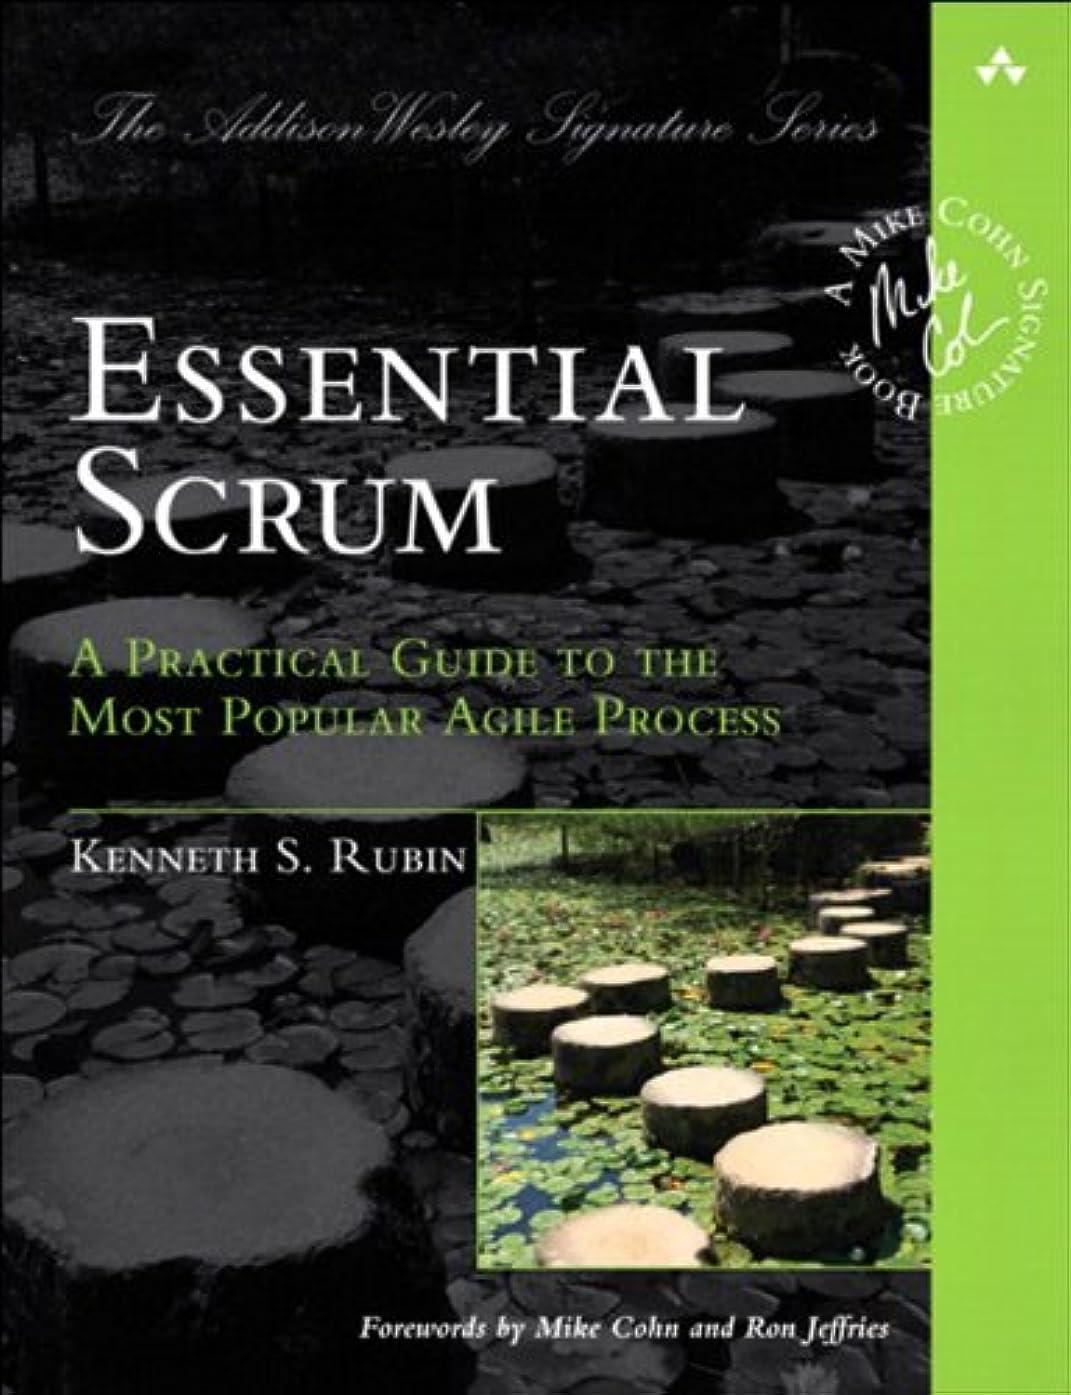 地区レギュラーインストラクターEssential Scrum: A Practical Guide to the Most Popular Agile Process (Addison-Wesley Signature Series (Cohn)) (English Edition)